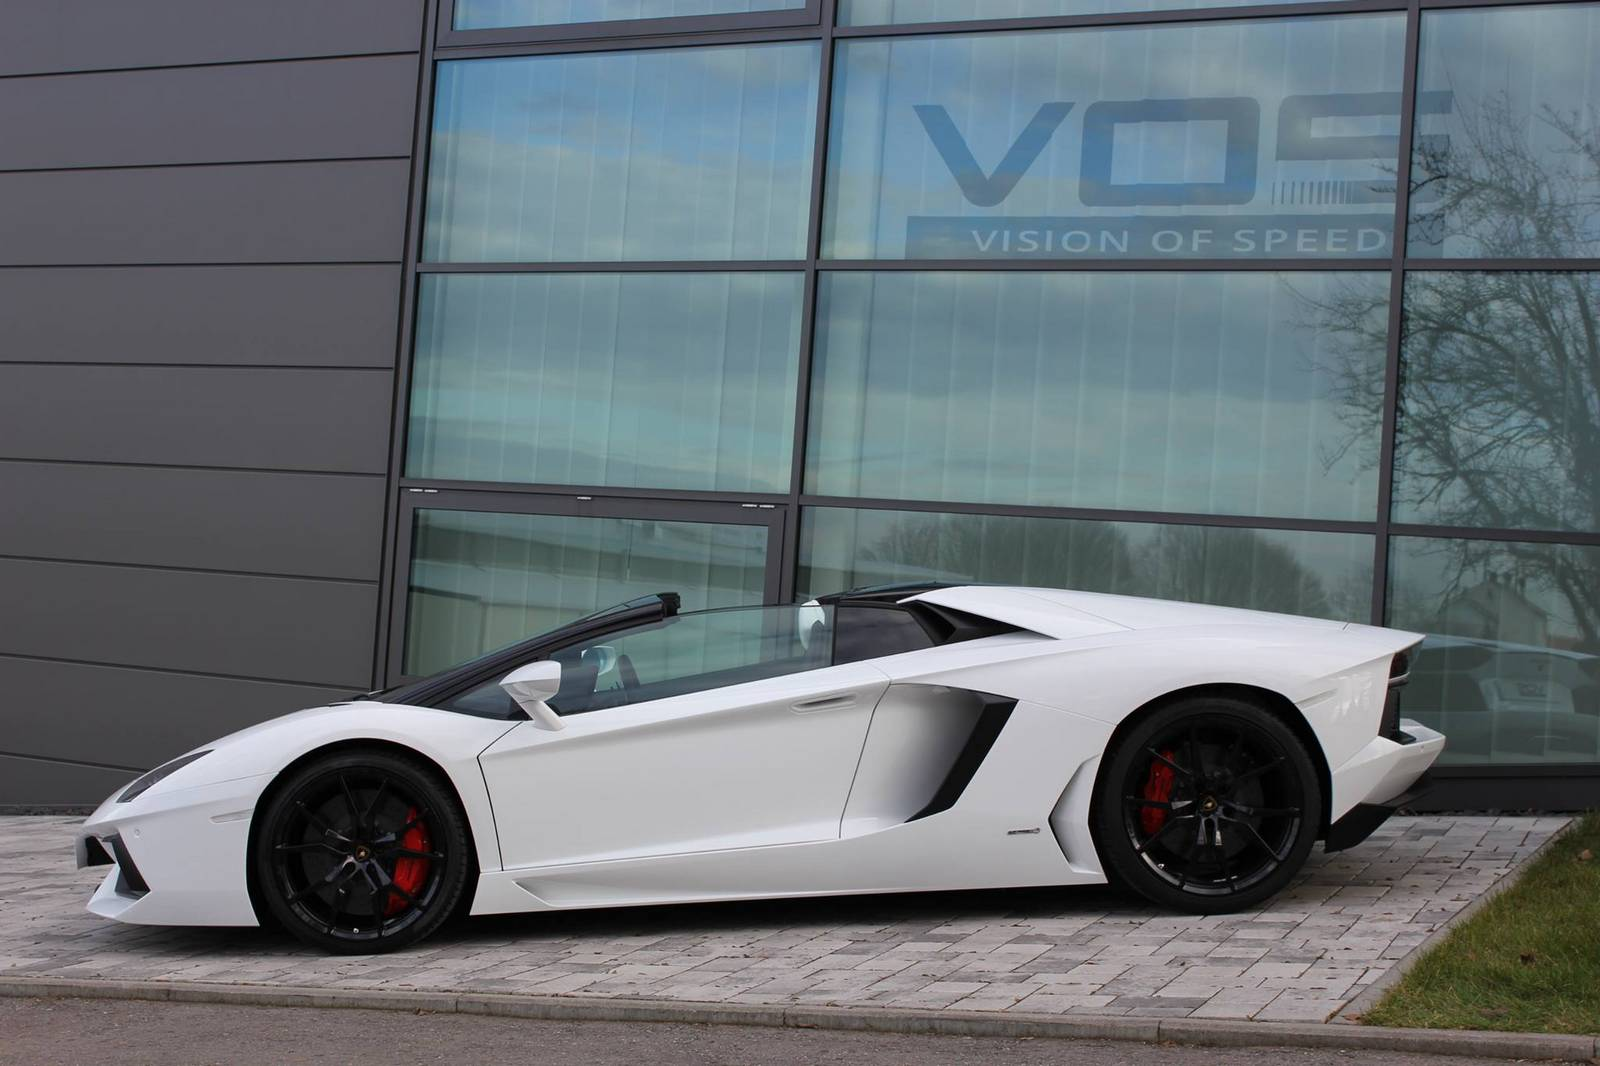 lamborghini aventador roadster white - Lamborghini Aventador Roadster White